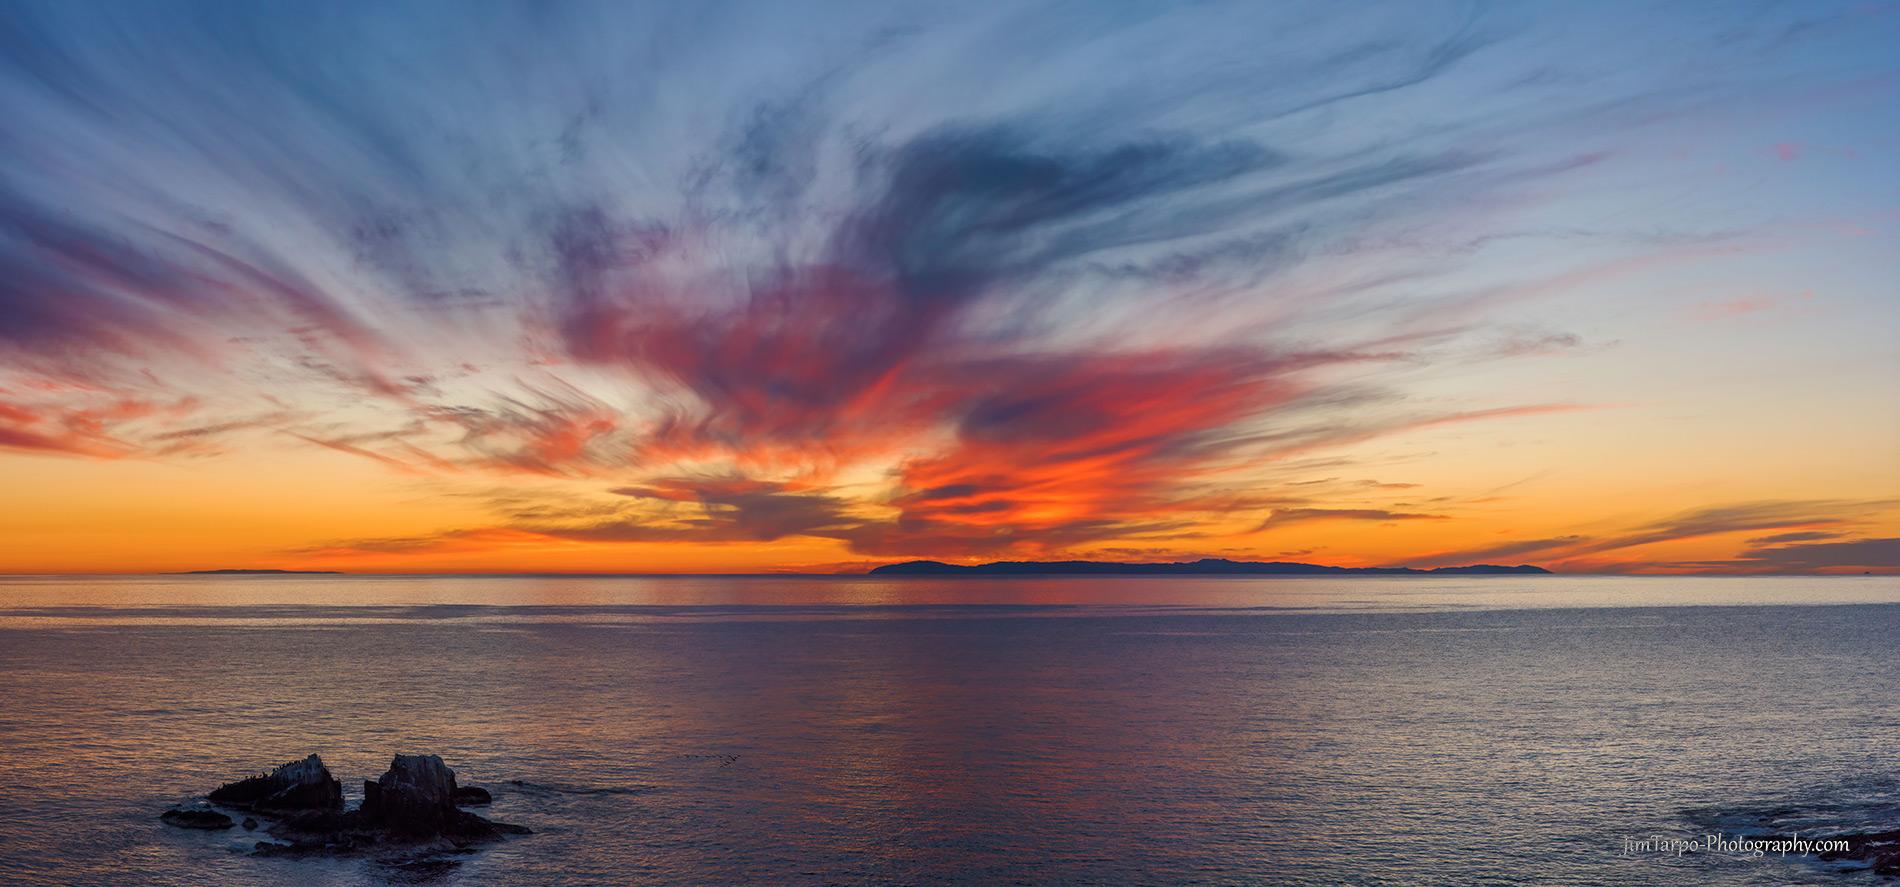 catalina sunset photo laguna beach